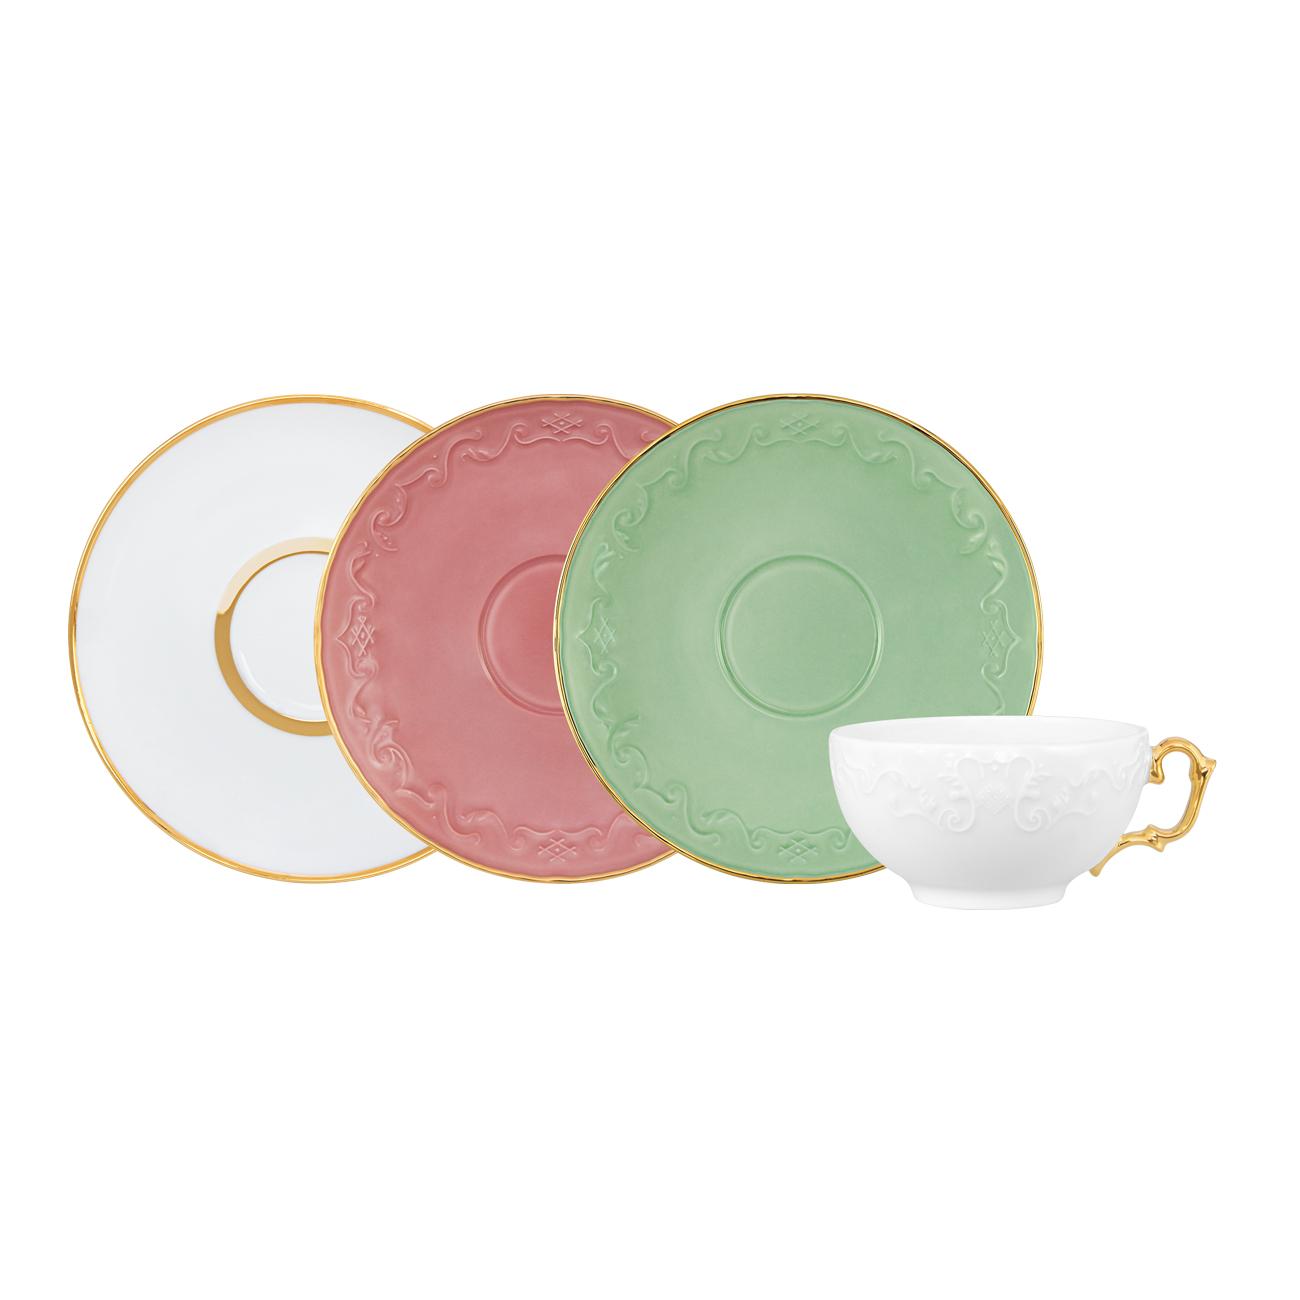 Pires Chá 15cm + Chávena Chá 25cl 1